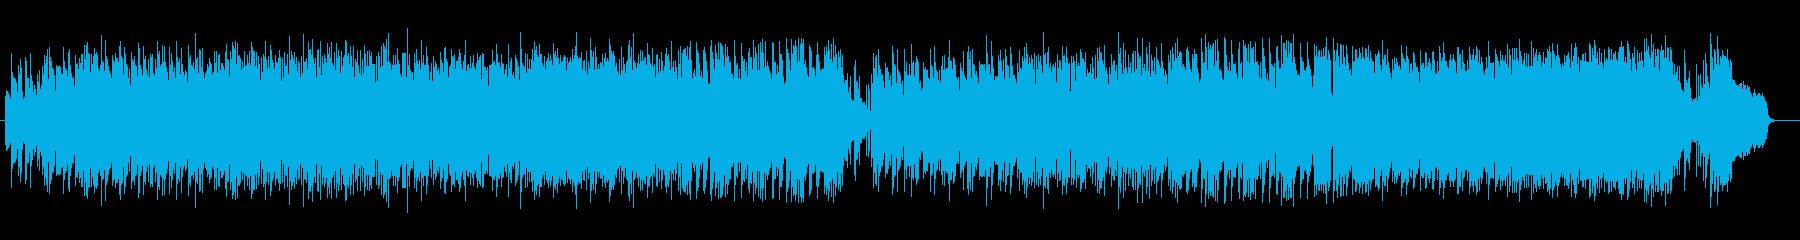 シンセサイザーの陽気なポップスの再生済みの波形